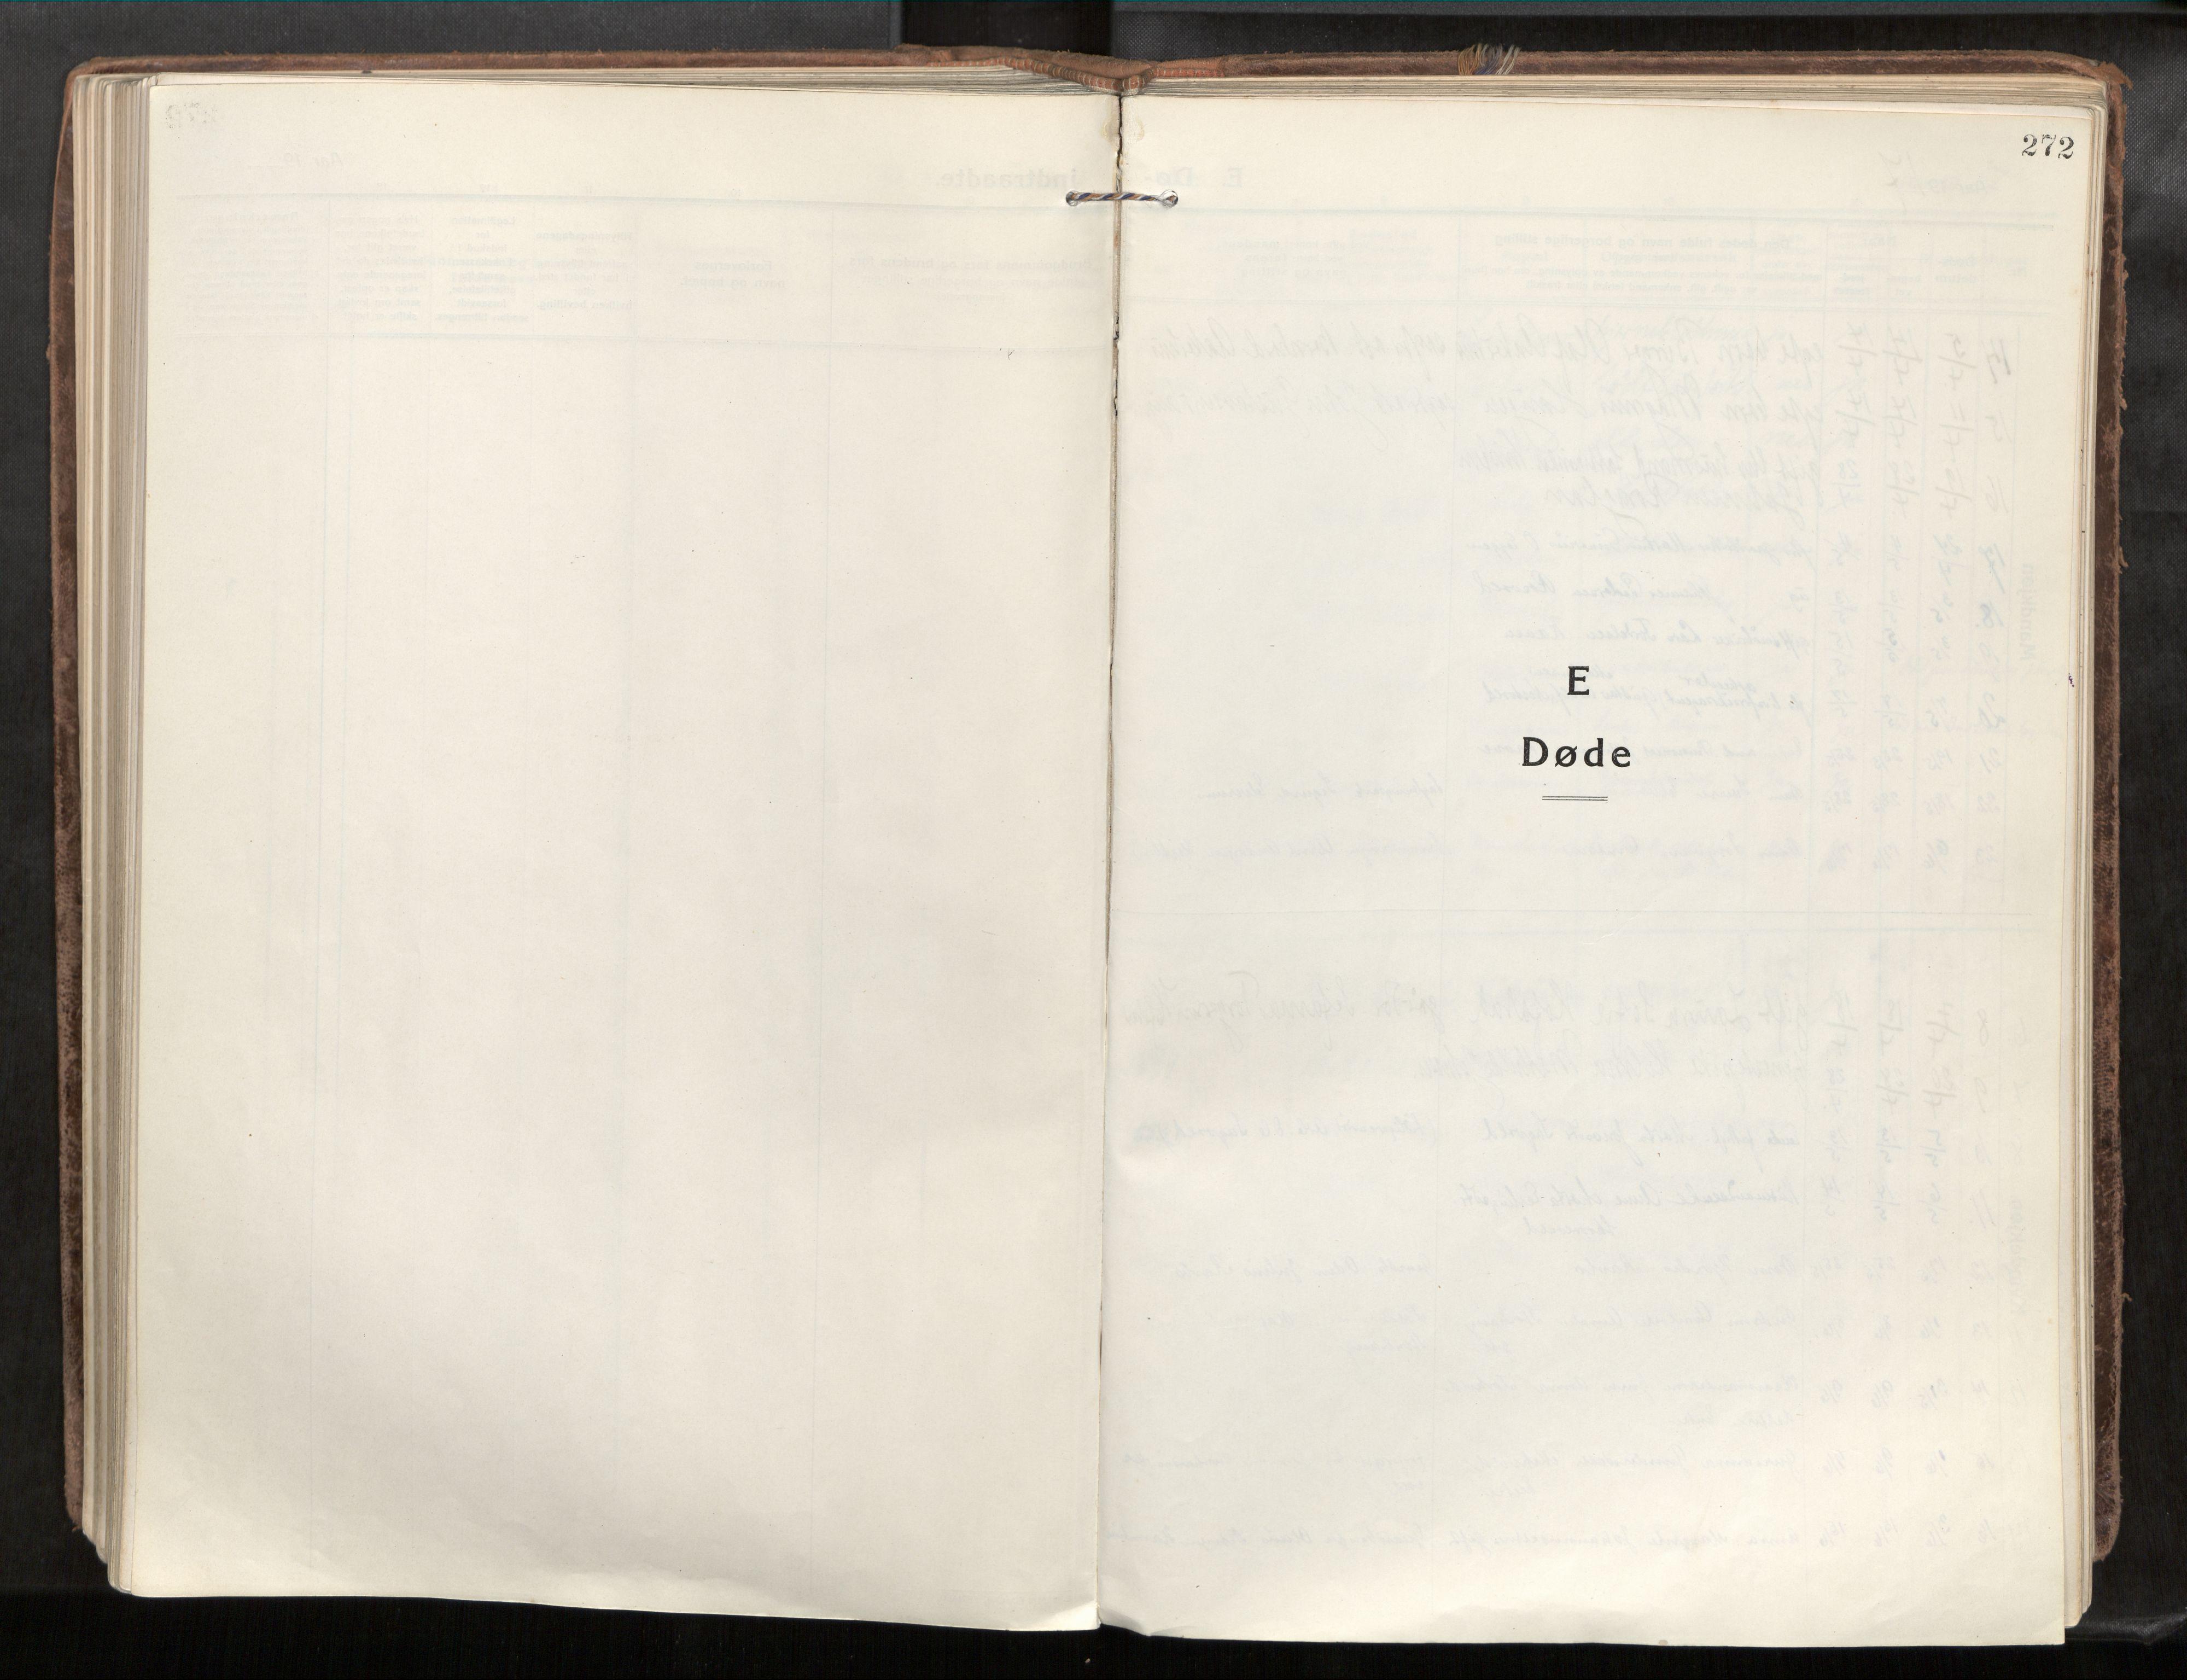 SAT, Verdal sokneprestkontor*, Parish register (official) no. 1, 1917-1932, p. 272